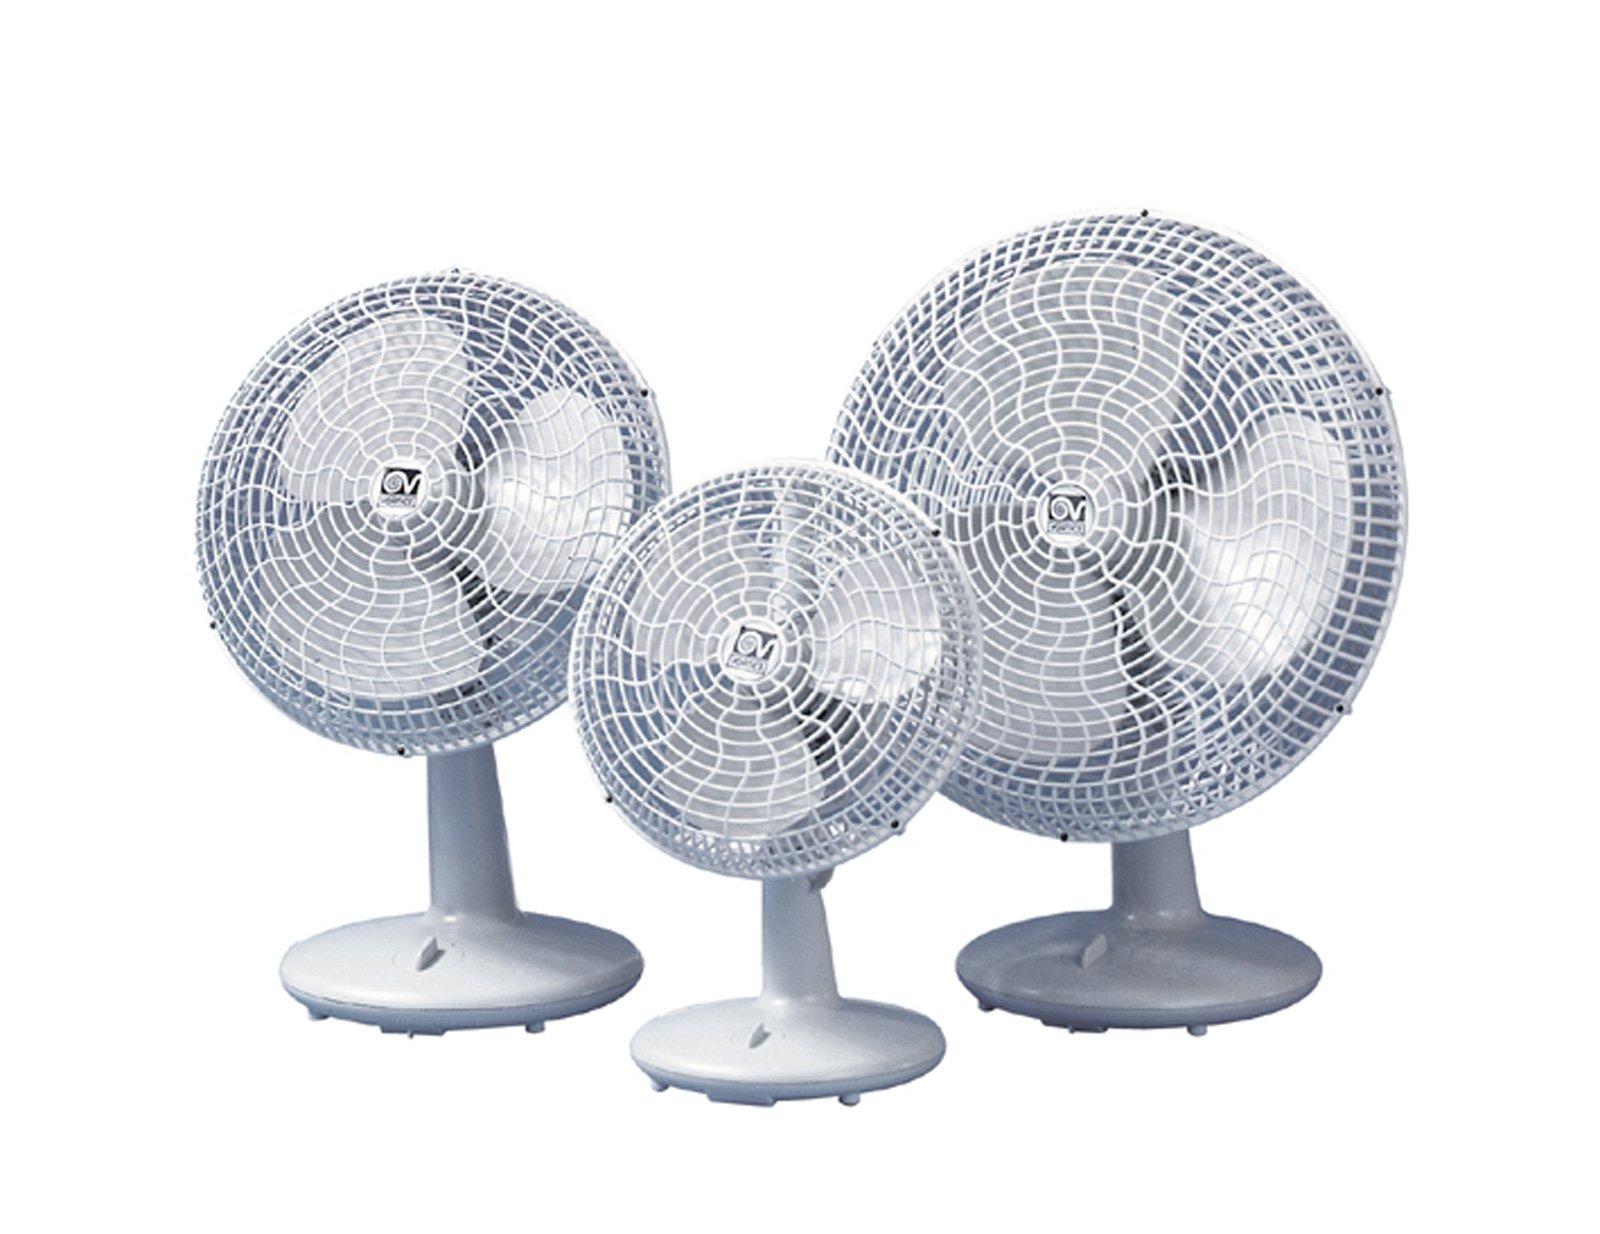 Ventilatori da tavolo e da terra una brezza alla portata di tutti cose di casa - Ventilatore da tavolo silenzioso ...